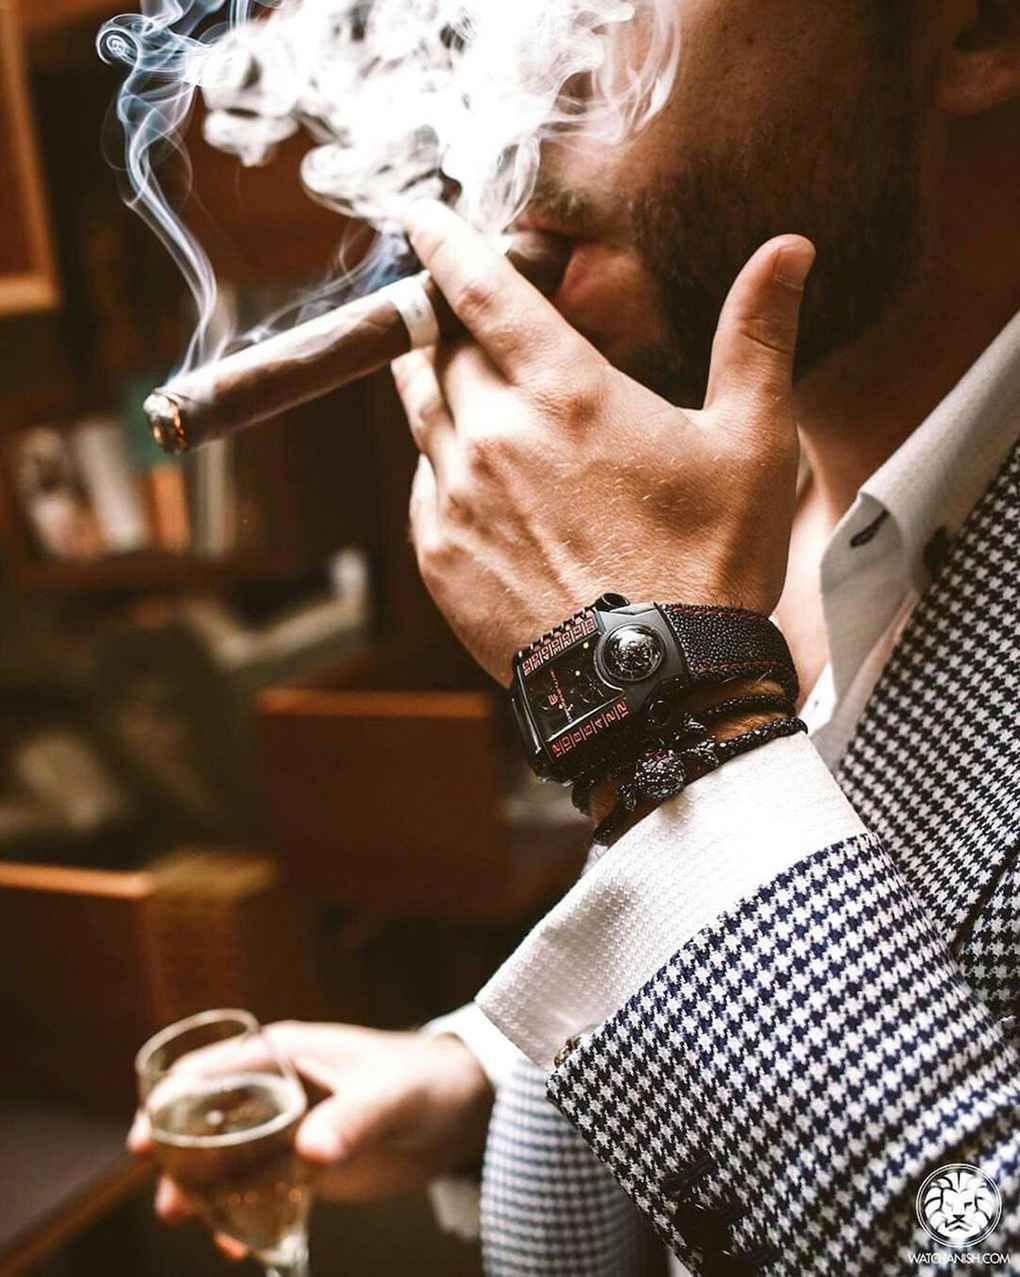 عکس سیگار خوشبو , عکس پروفایل سیگار بدون متن , پروفایل سیگار و فندک